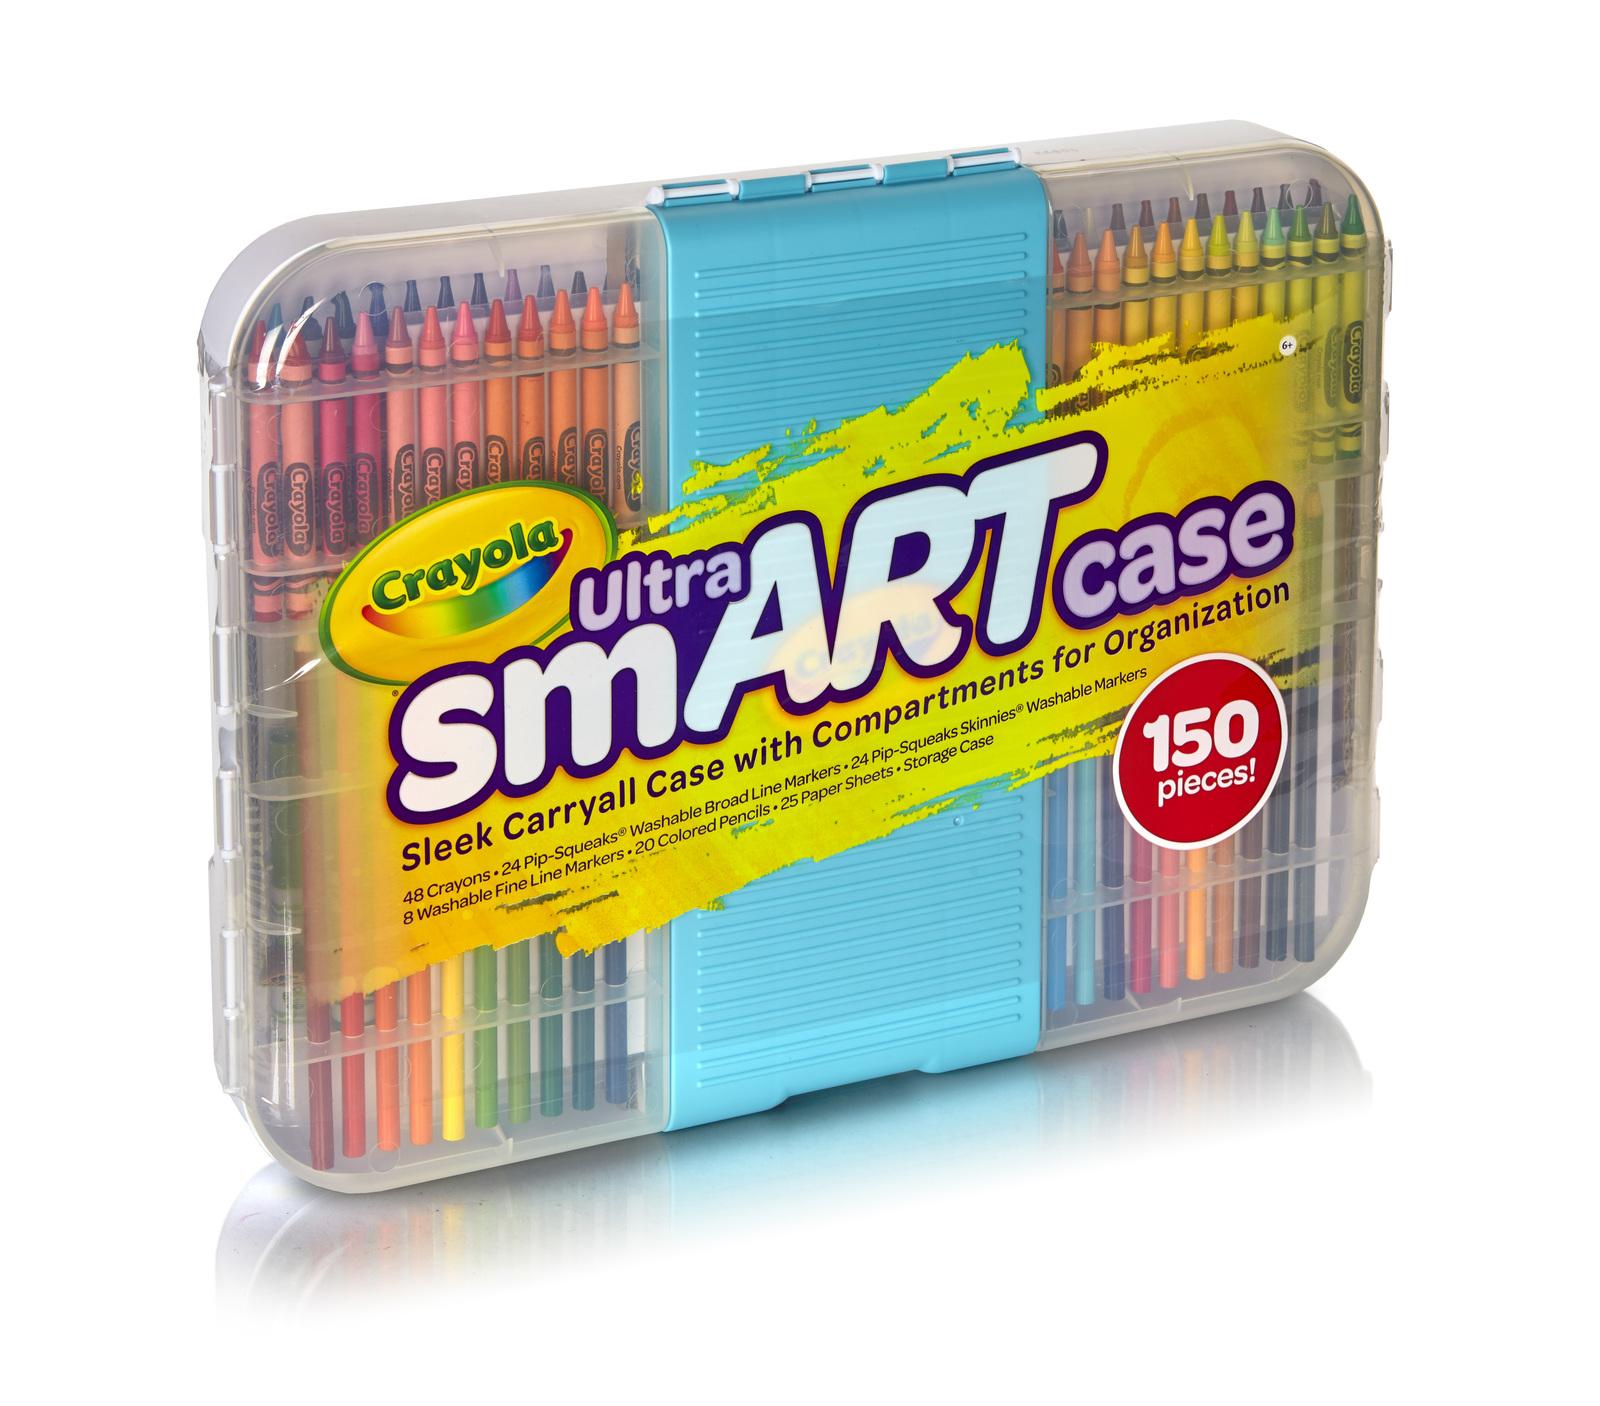 Crayola smART Case (150 pieces) image